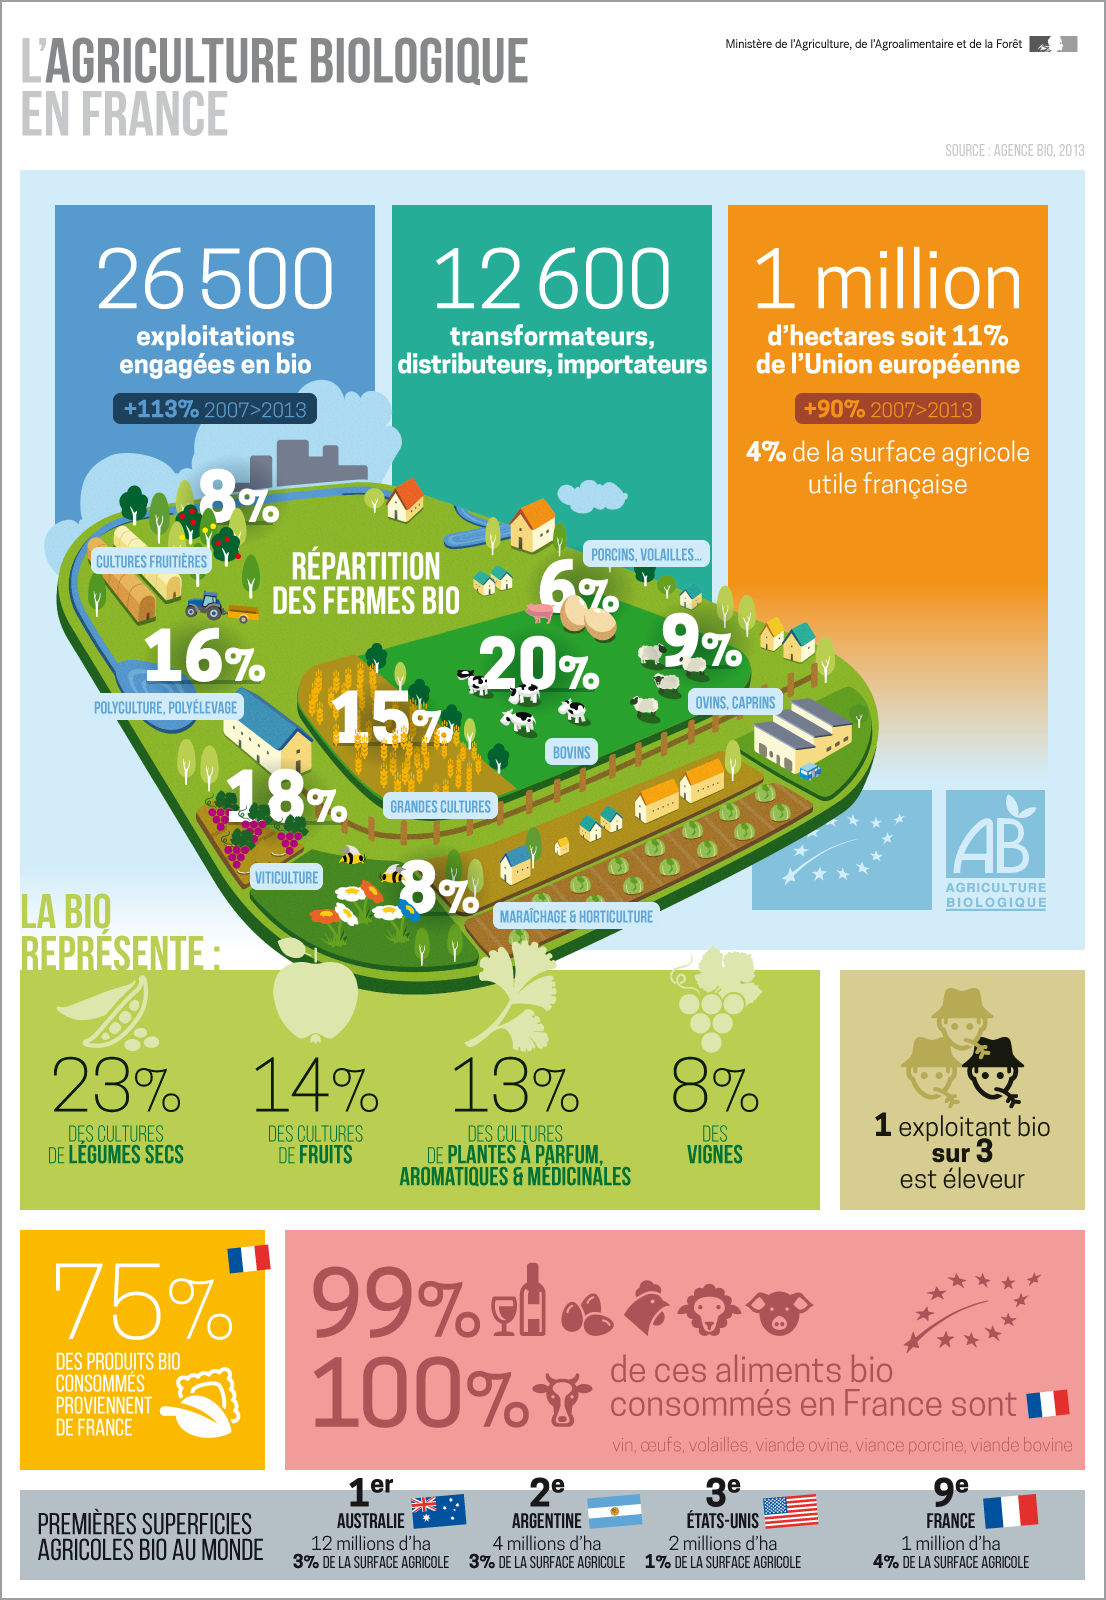 agriculture-biologique-france